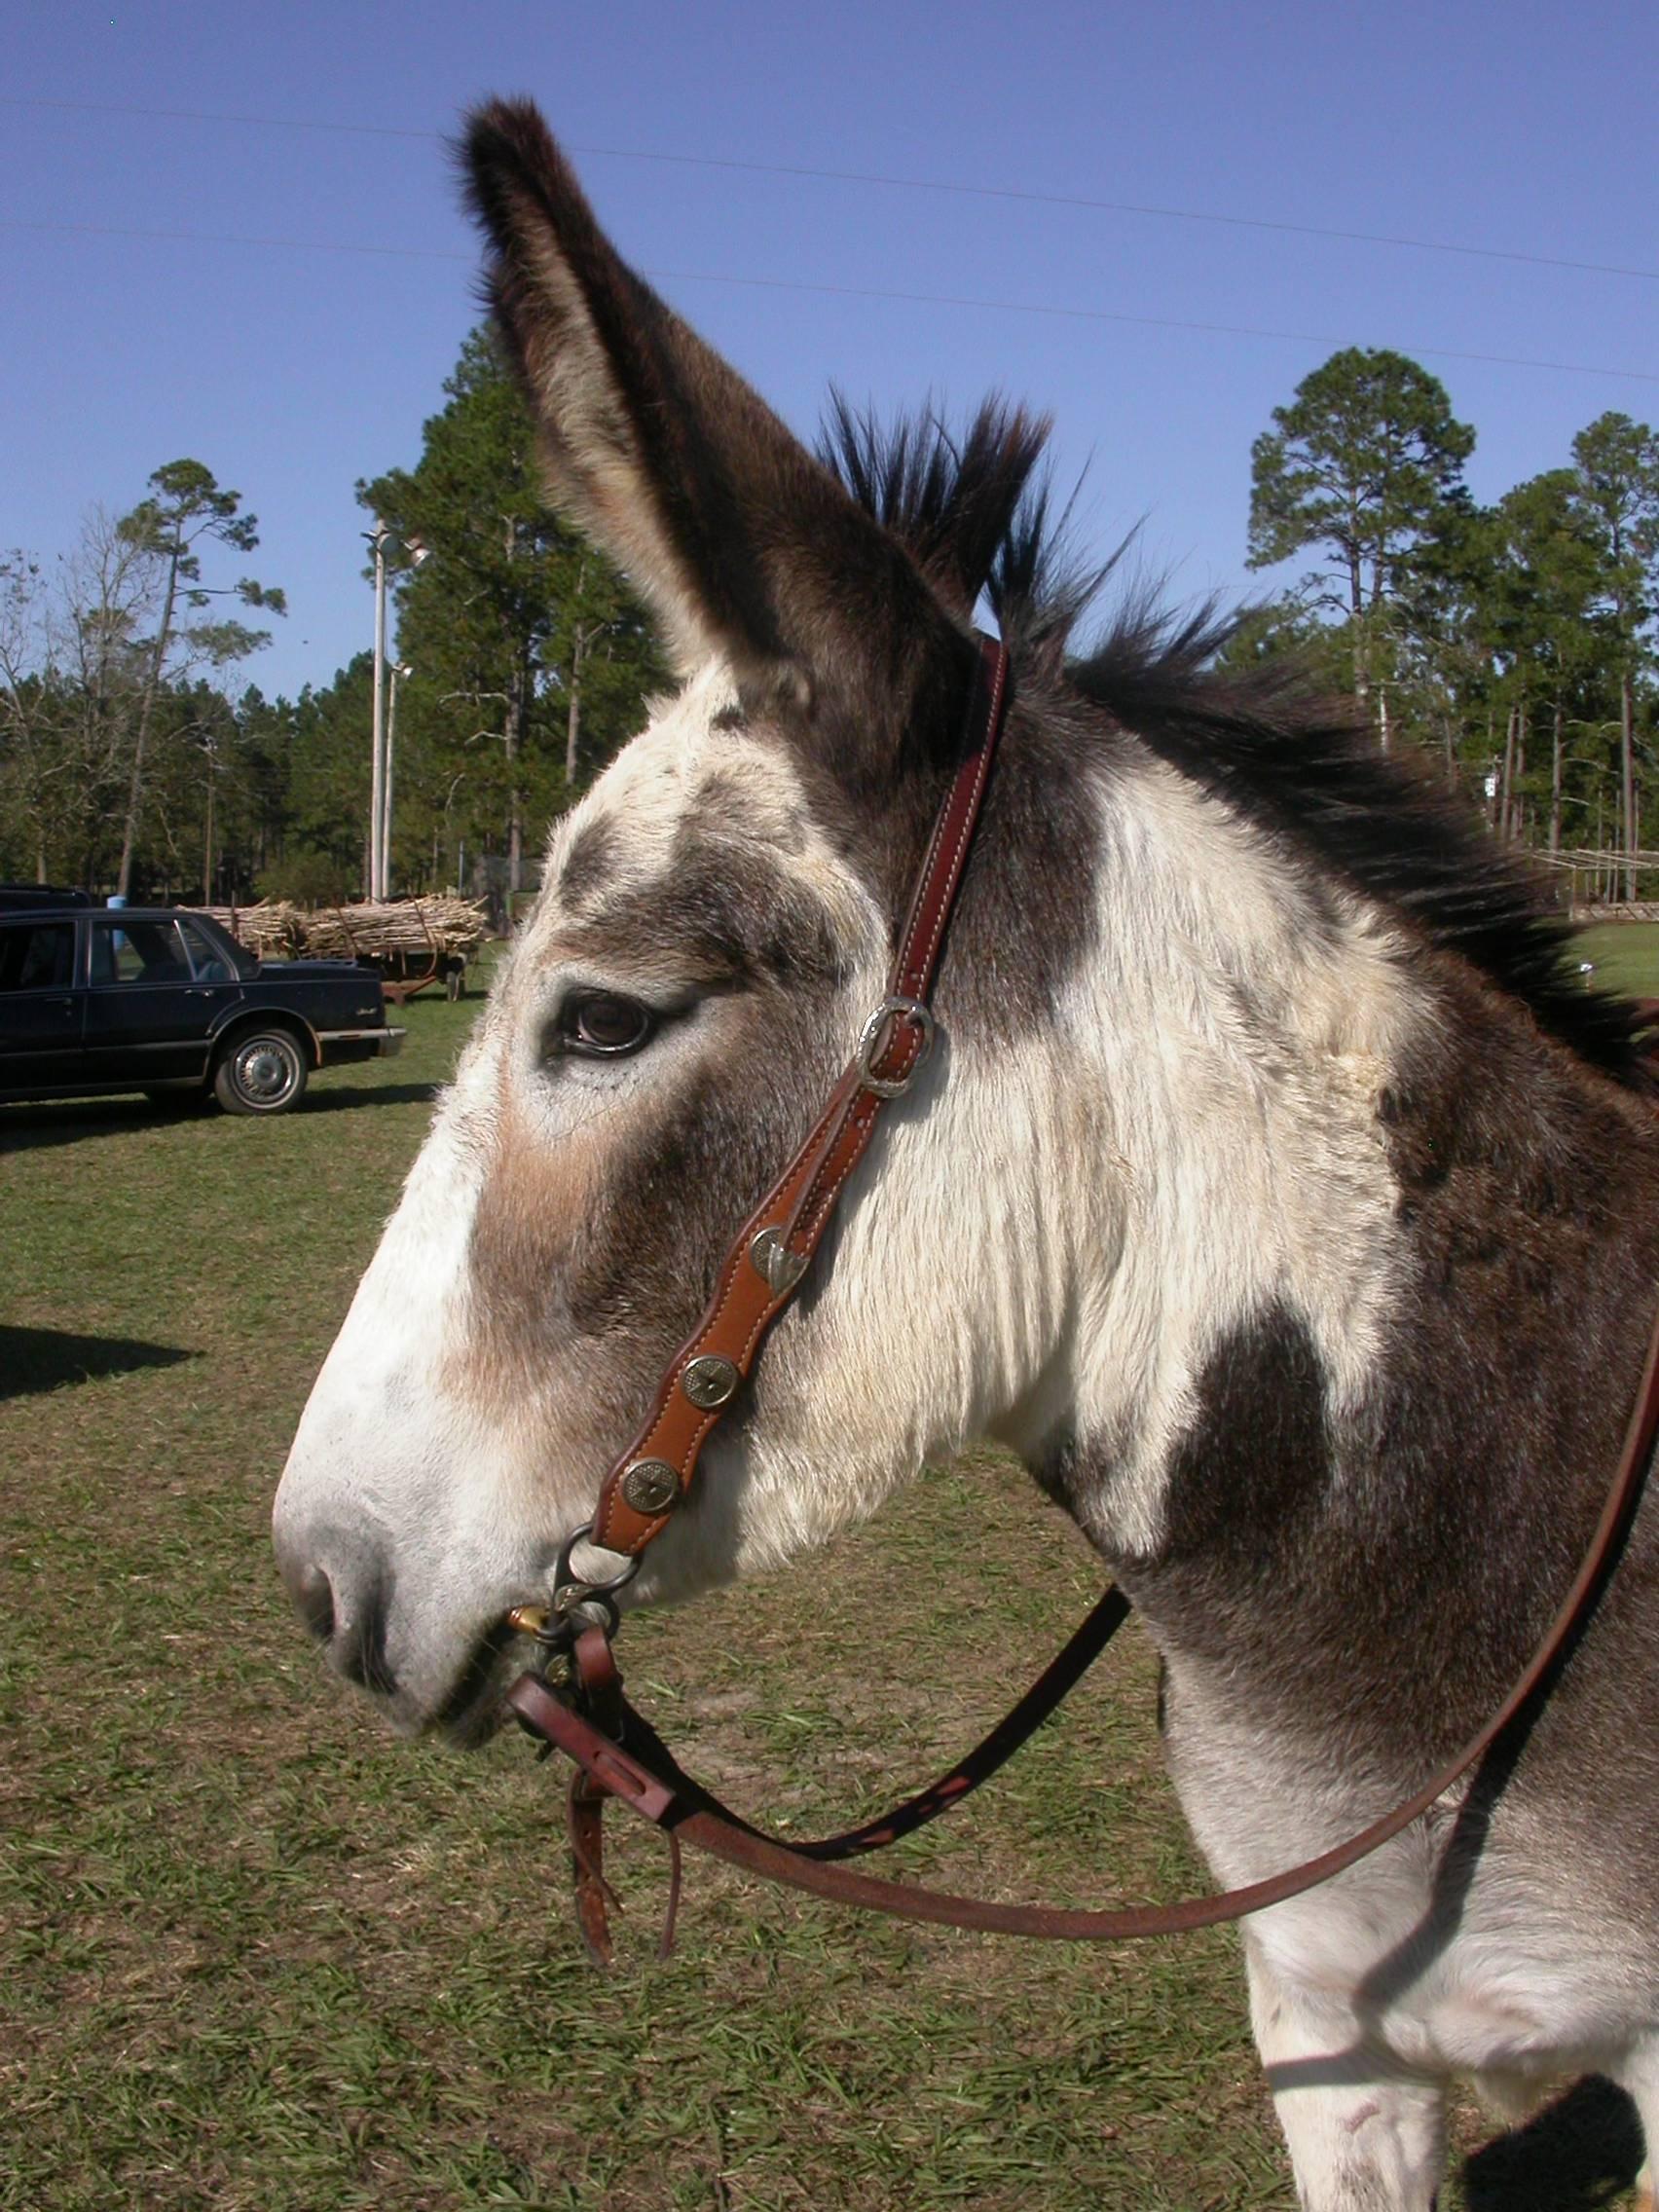 My name is Jule, Yes I'm a mule.